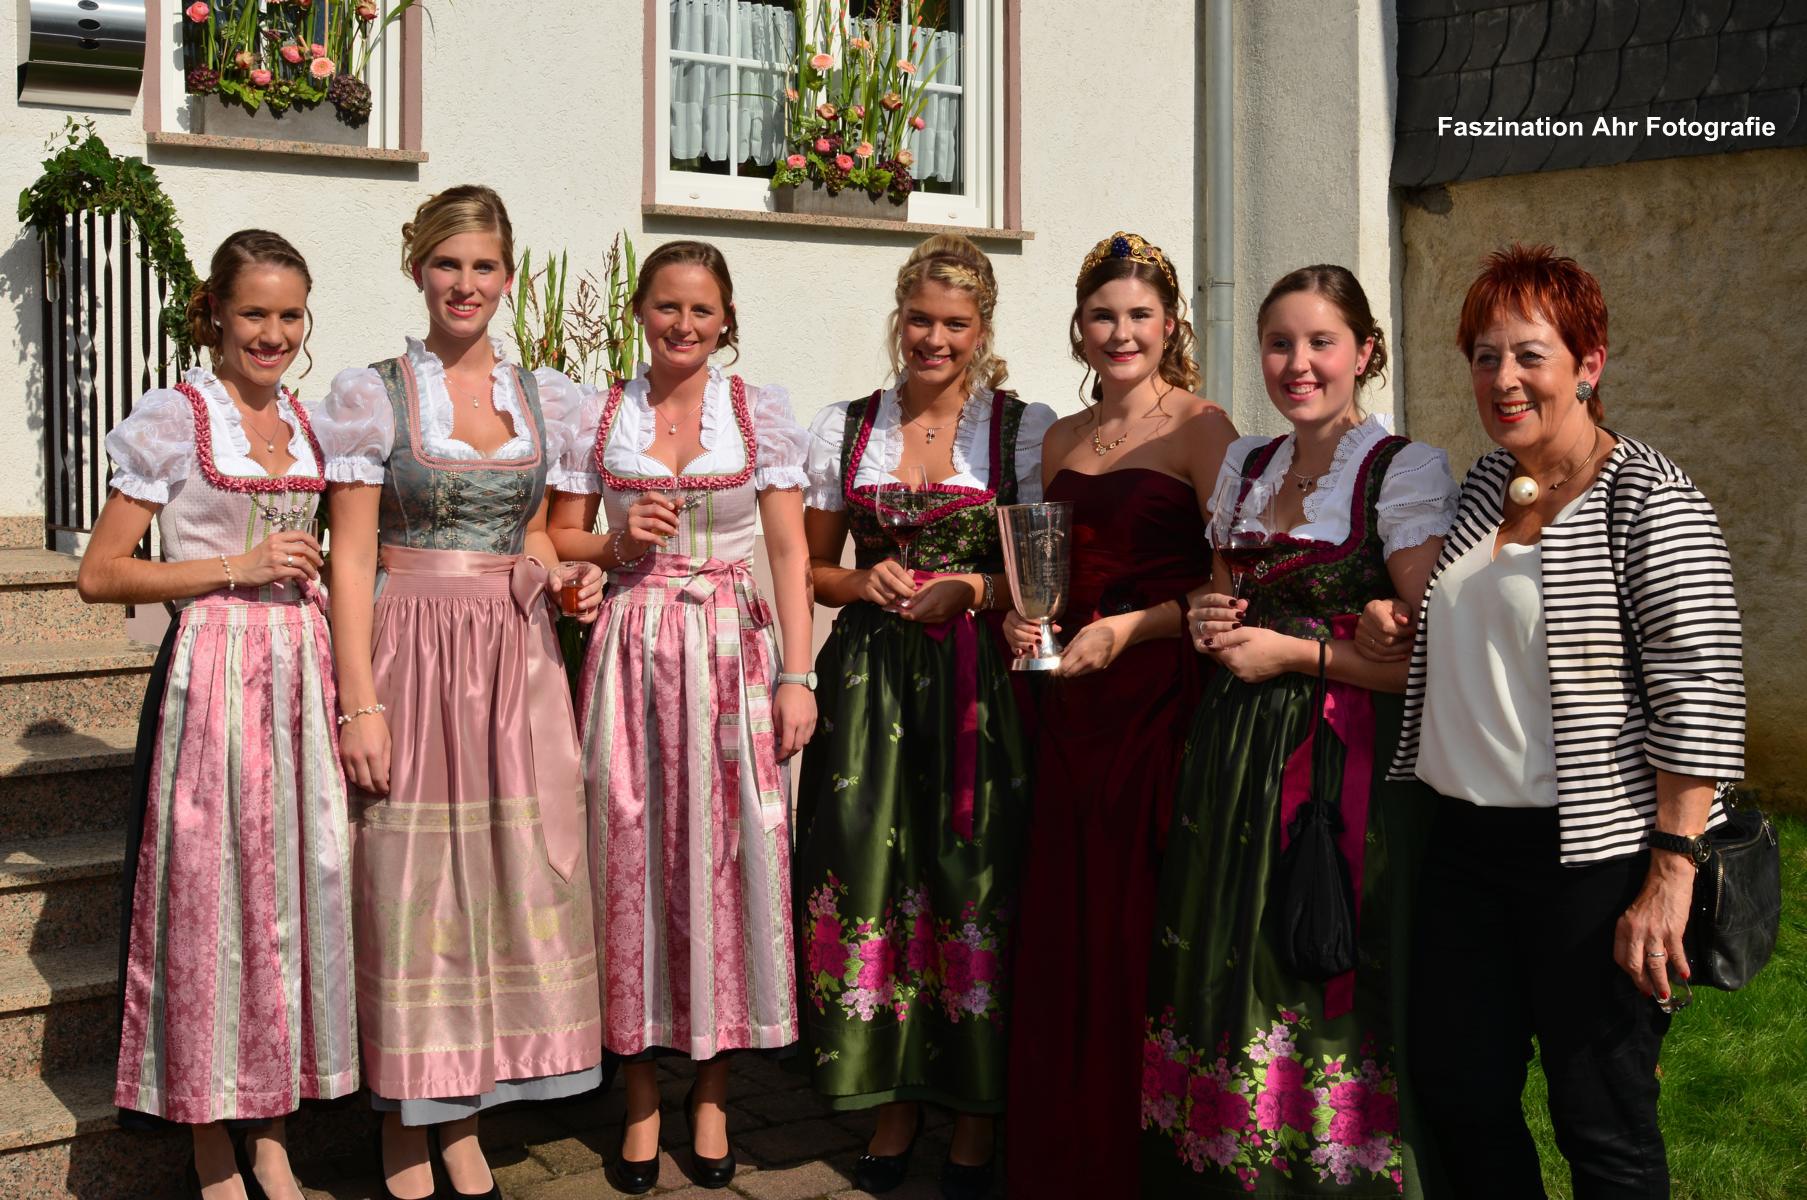 ... und der Vorsitzenden des Verkehrsvereins WeinKulturDorf Dernau, Frau Näkel-Surges